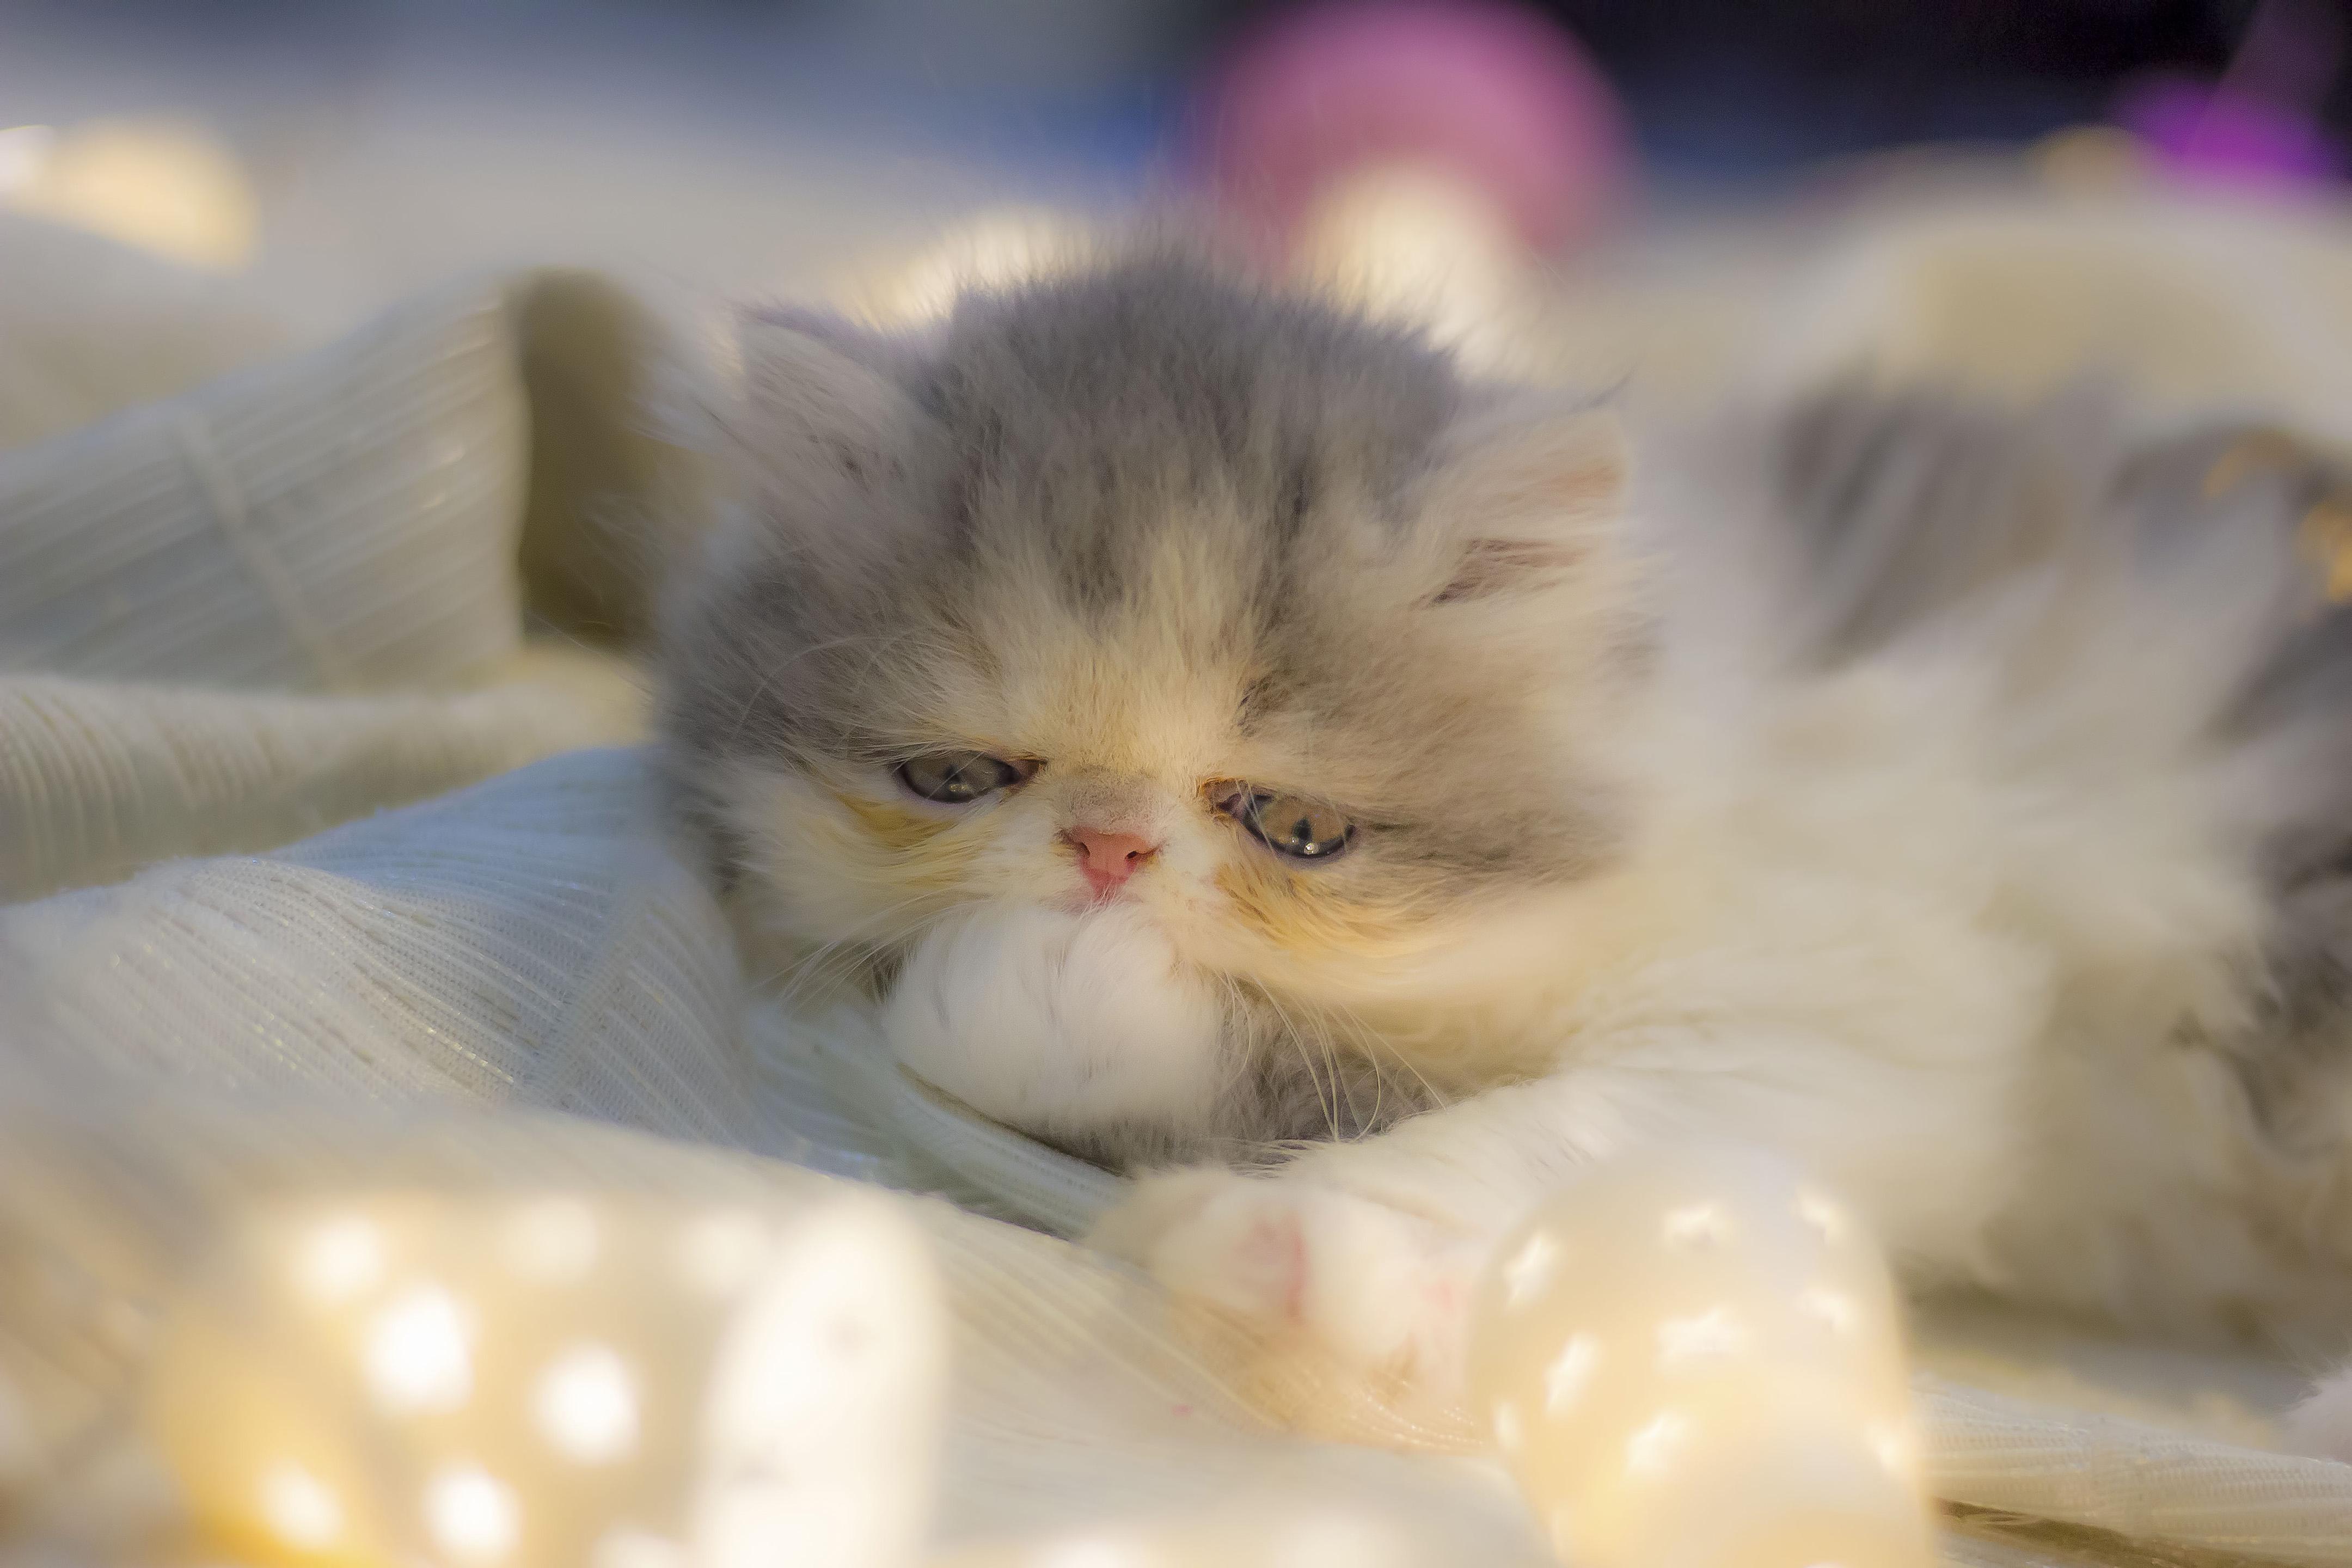 Lovely cat at Christmas, Animal, Cat, Christmas, Kitten, HQ Photo